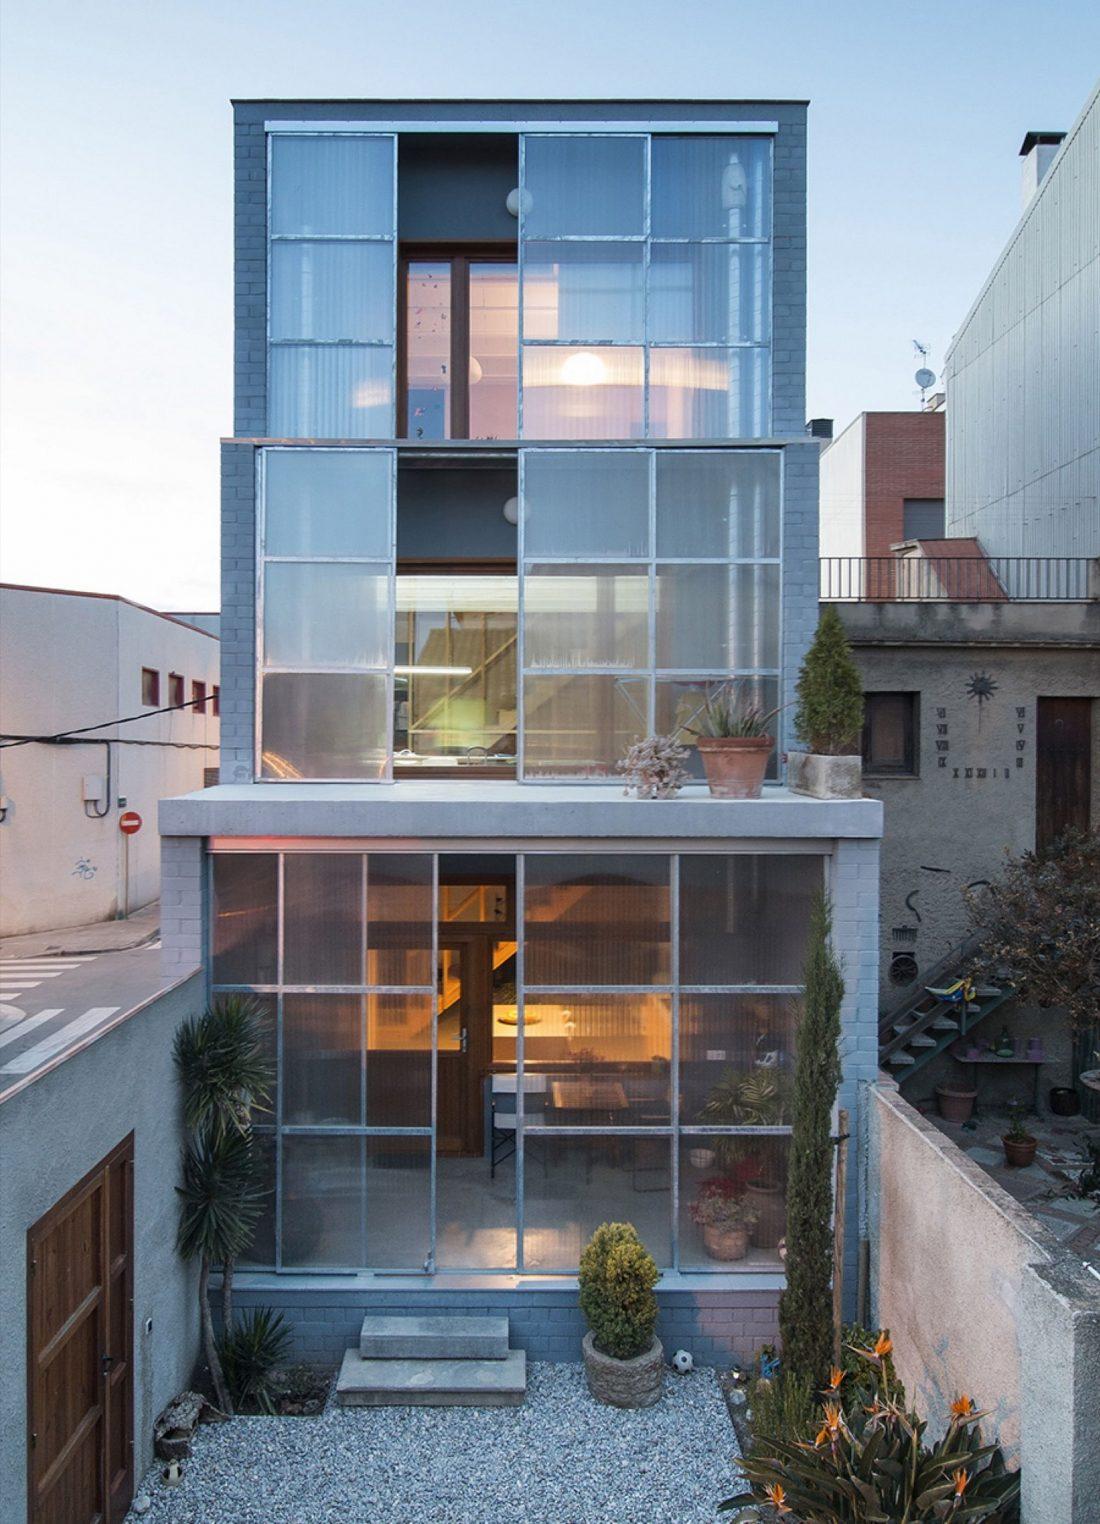 trehetazhnyj-dom-v-barselone-po-proektu-studii-h-arquitectes-1